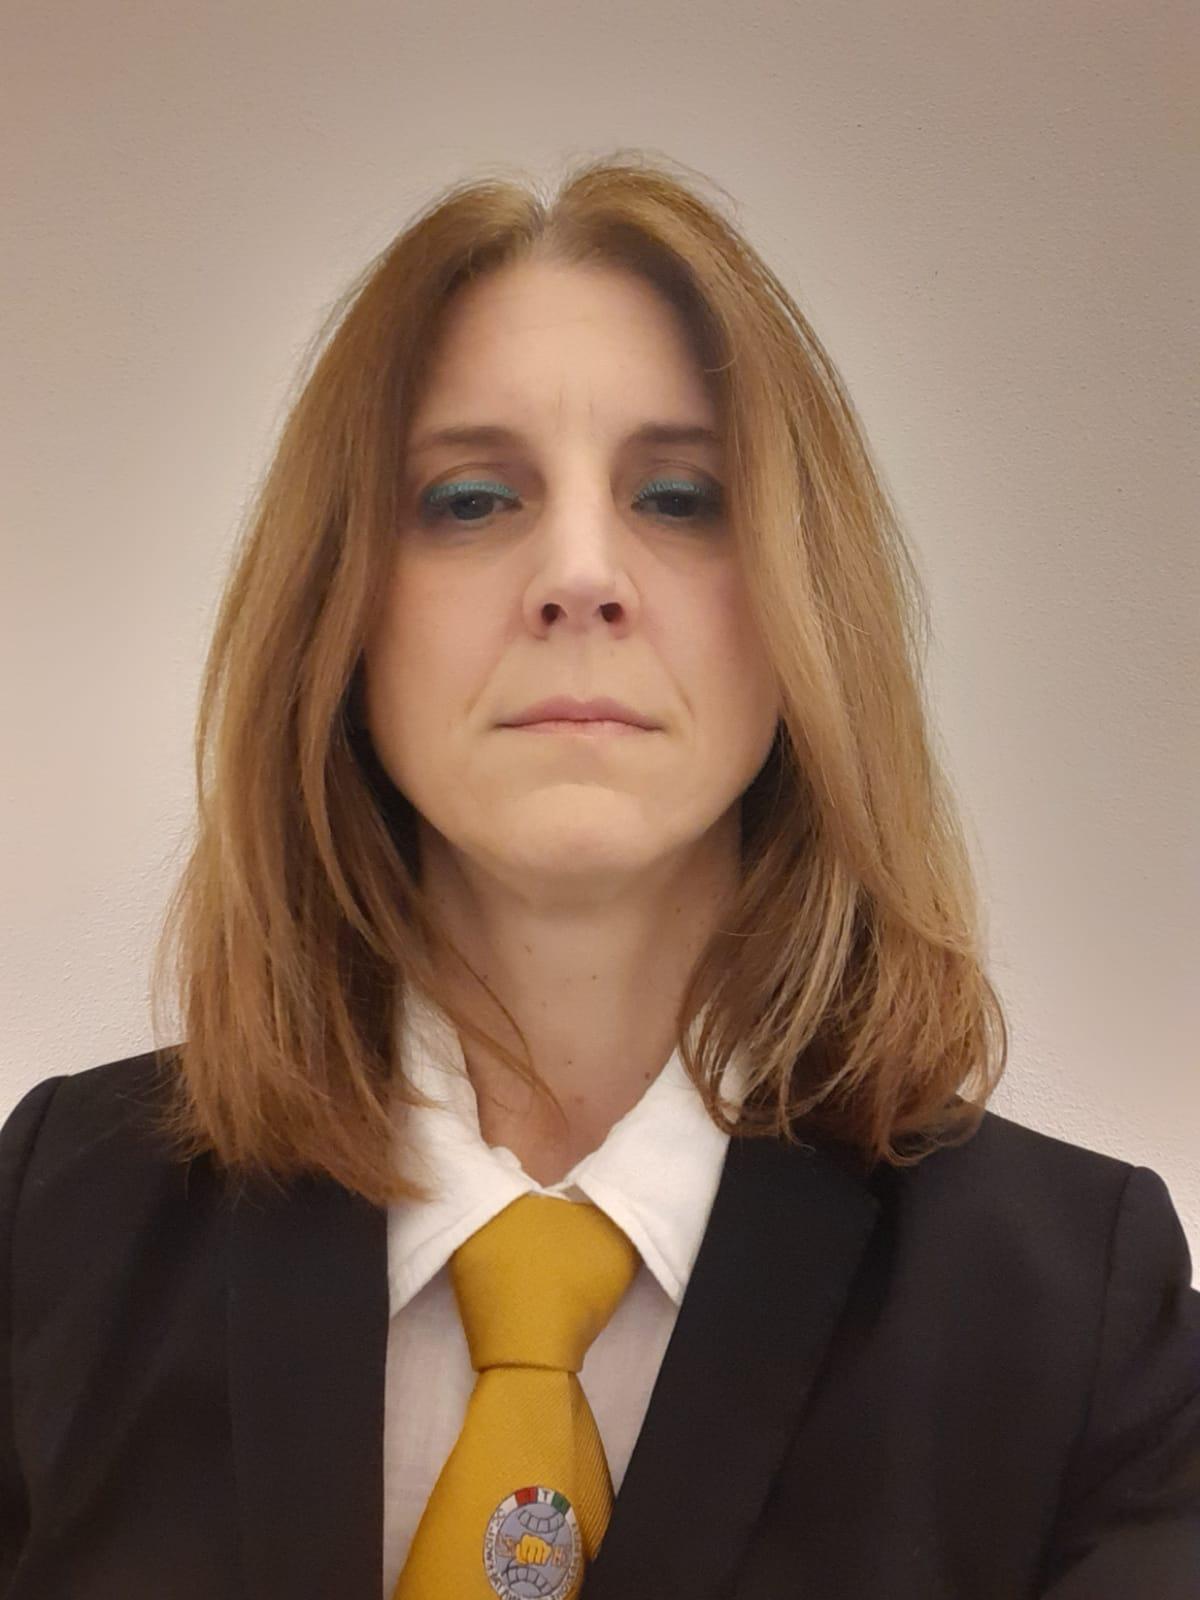 Master<br> <b>Rebecca Fogli</b><br>VII DAN